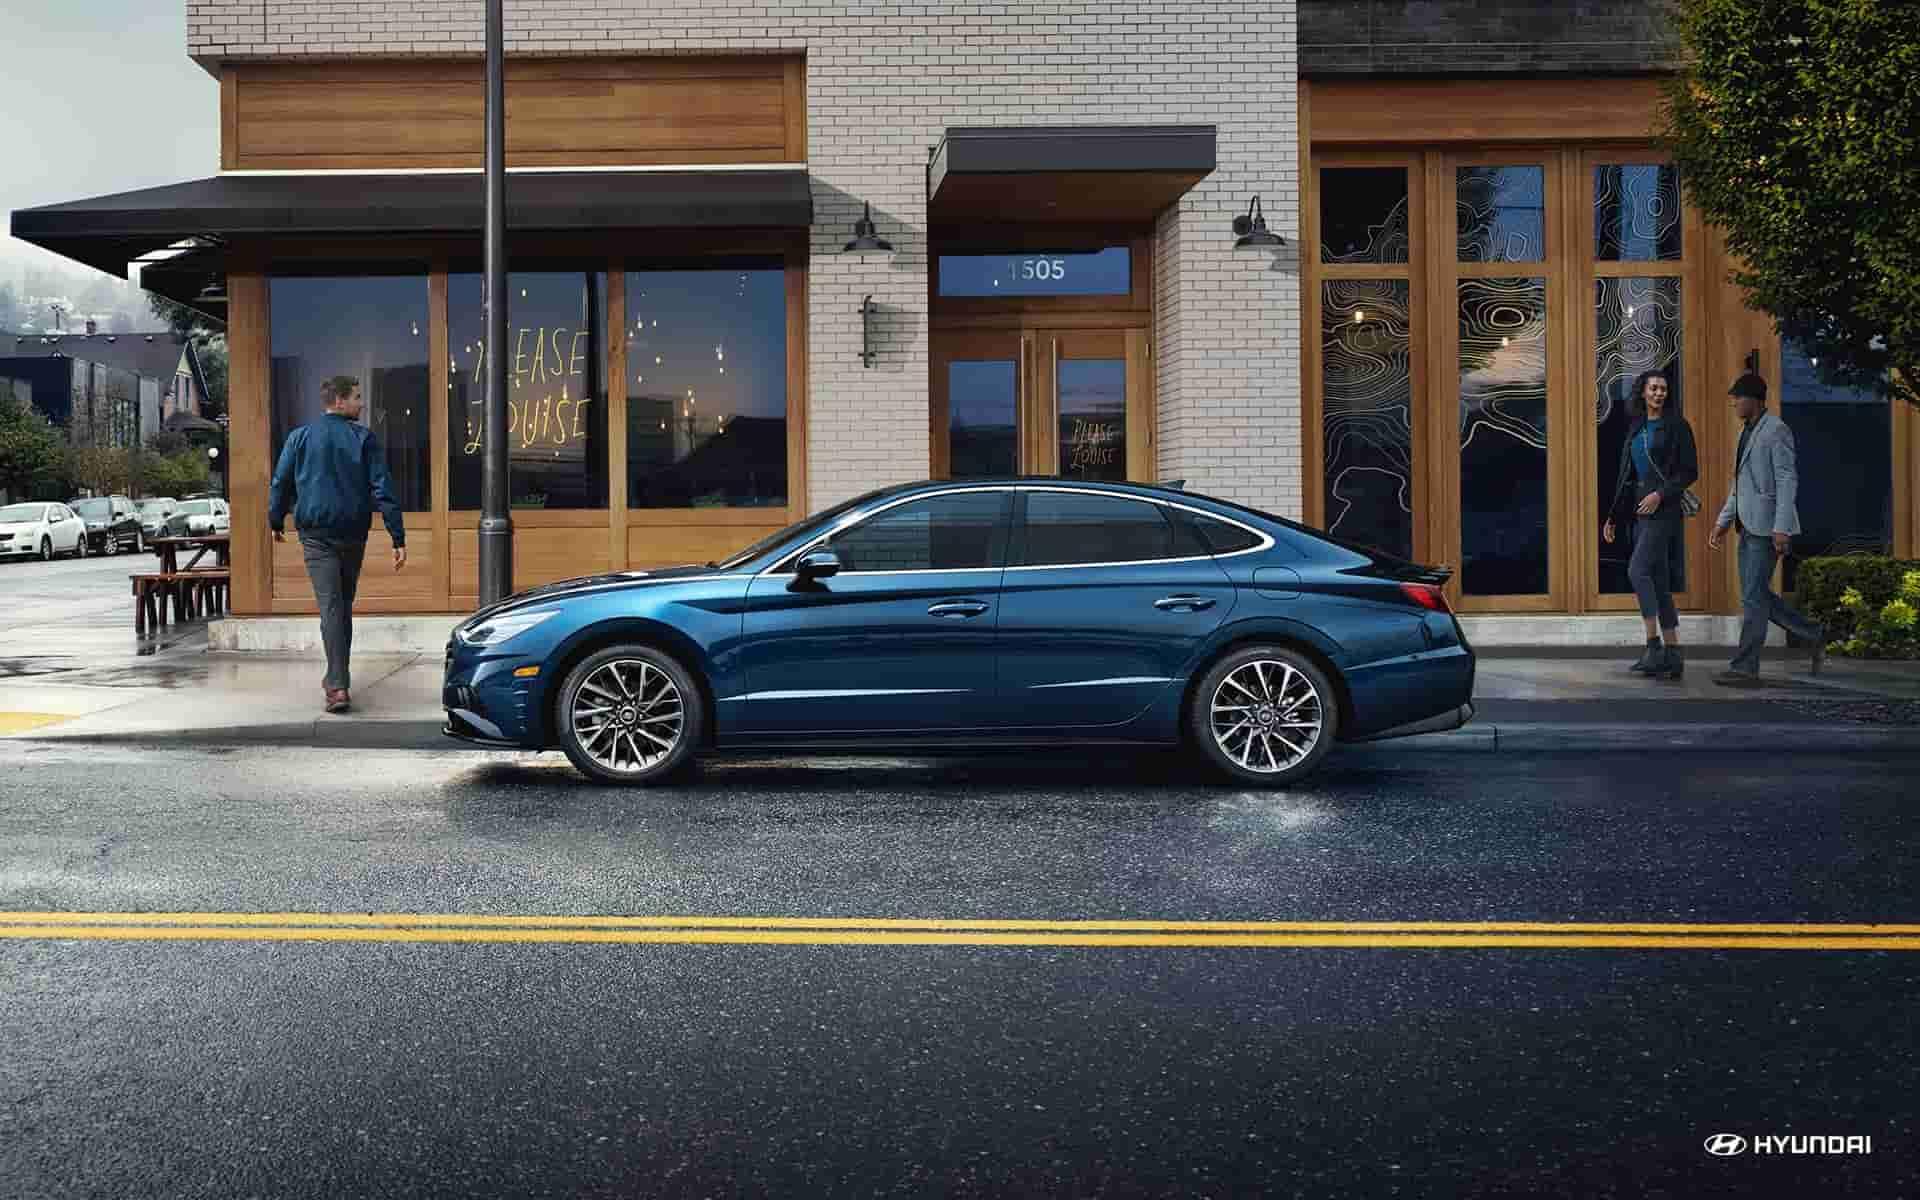 Request a 2020 Hyundai Sonata quote near Charlotte NC